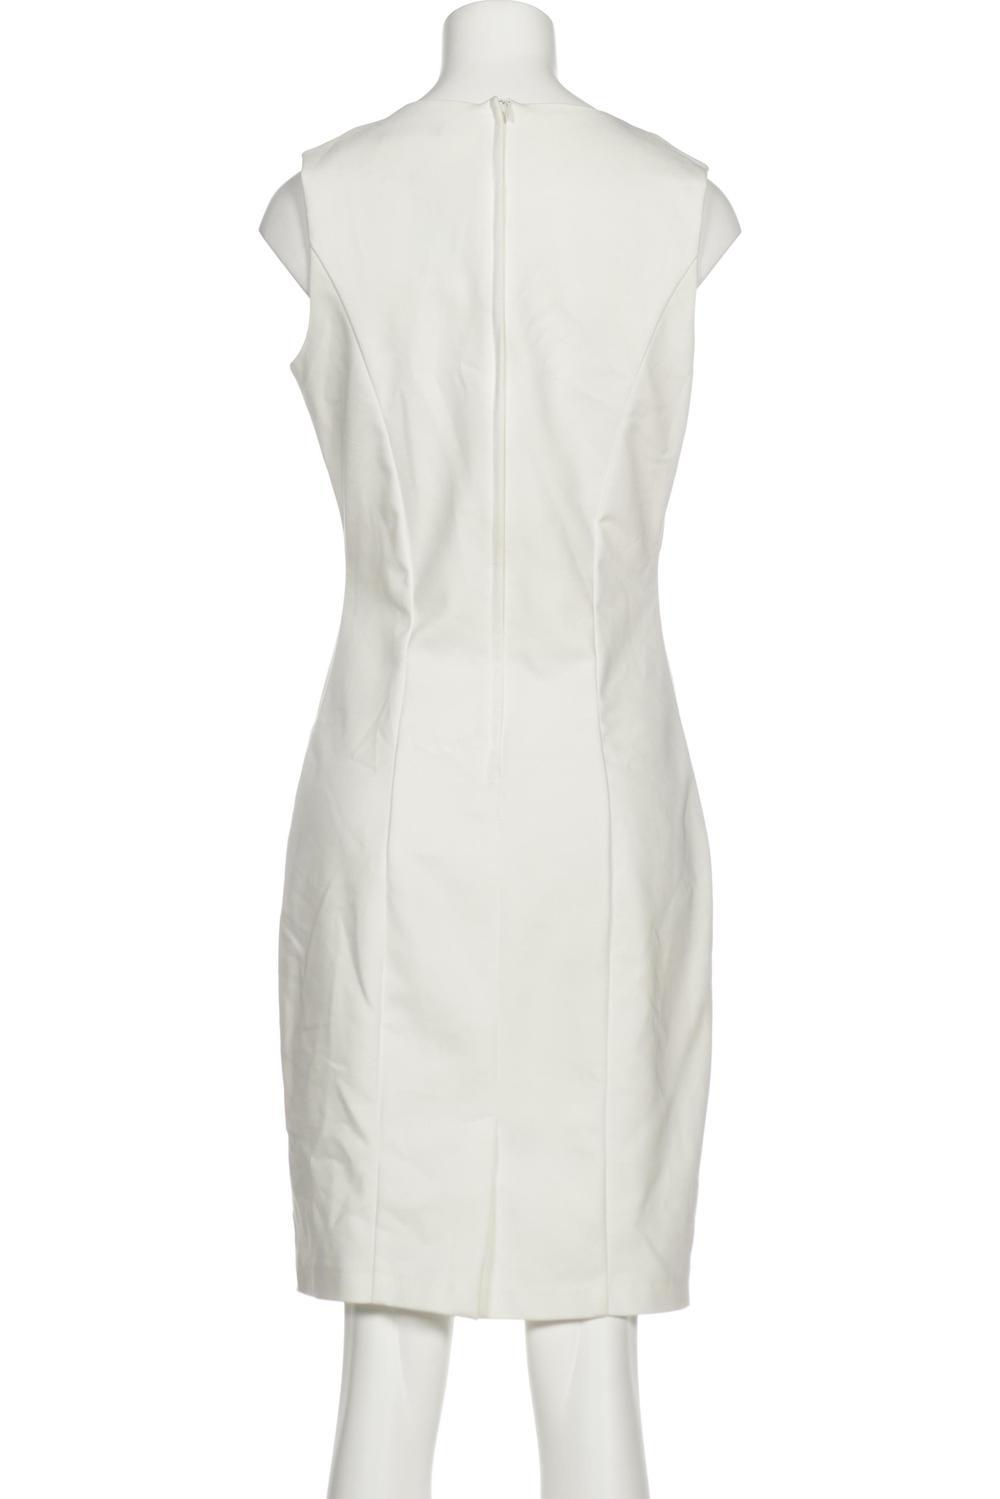 Orsay Damen Kleid DE 36 Second Hand kaufen | ubup